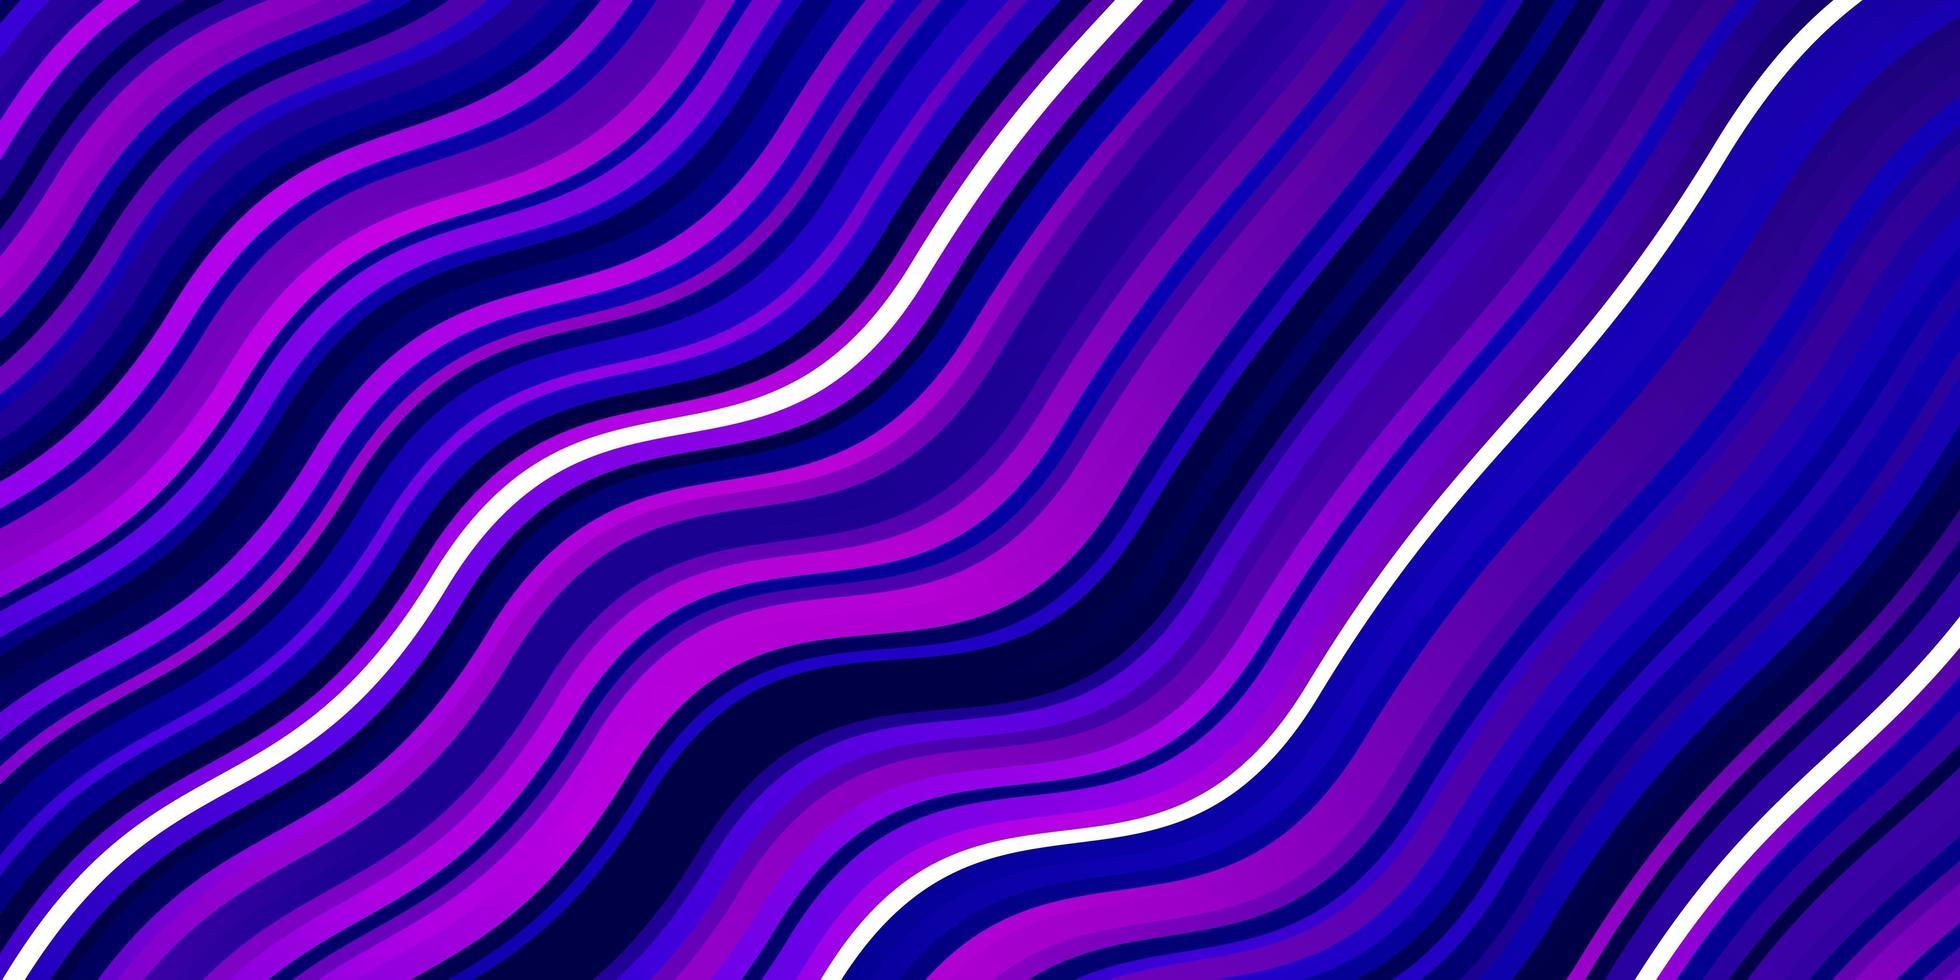 plantilla de vector de color rosa claro, azul con líneas curvas.